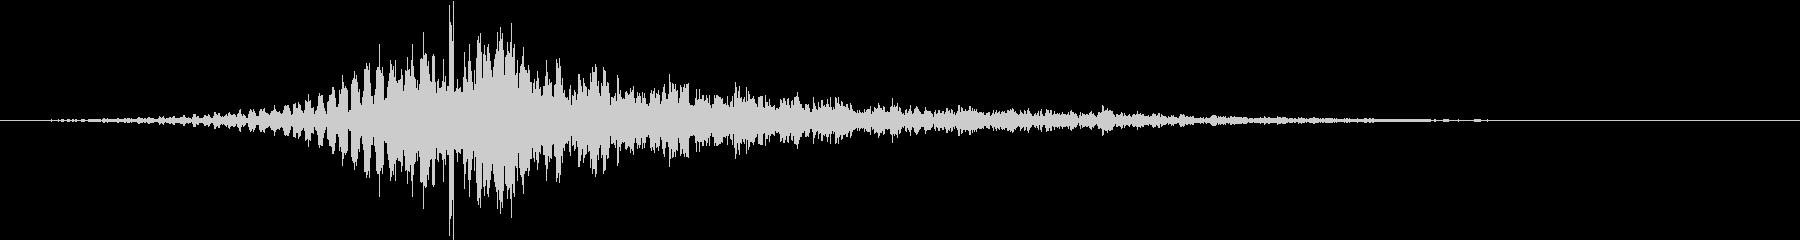 インパクト音の未再生の波形